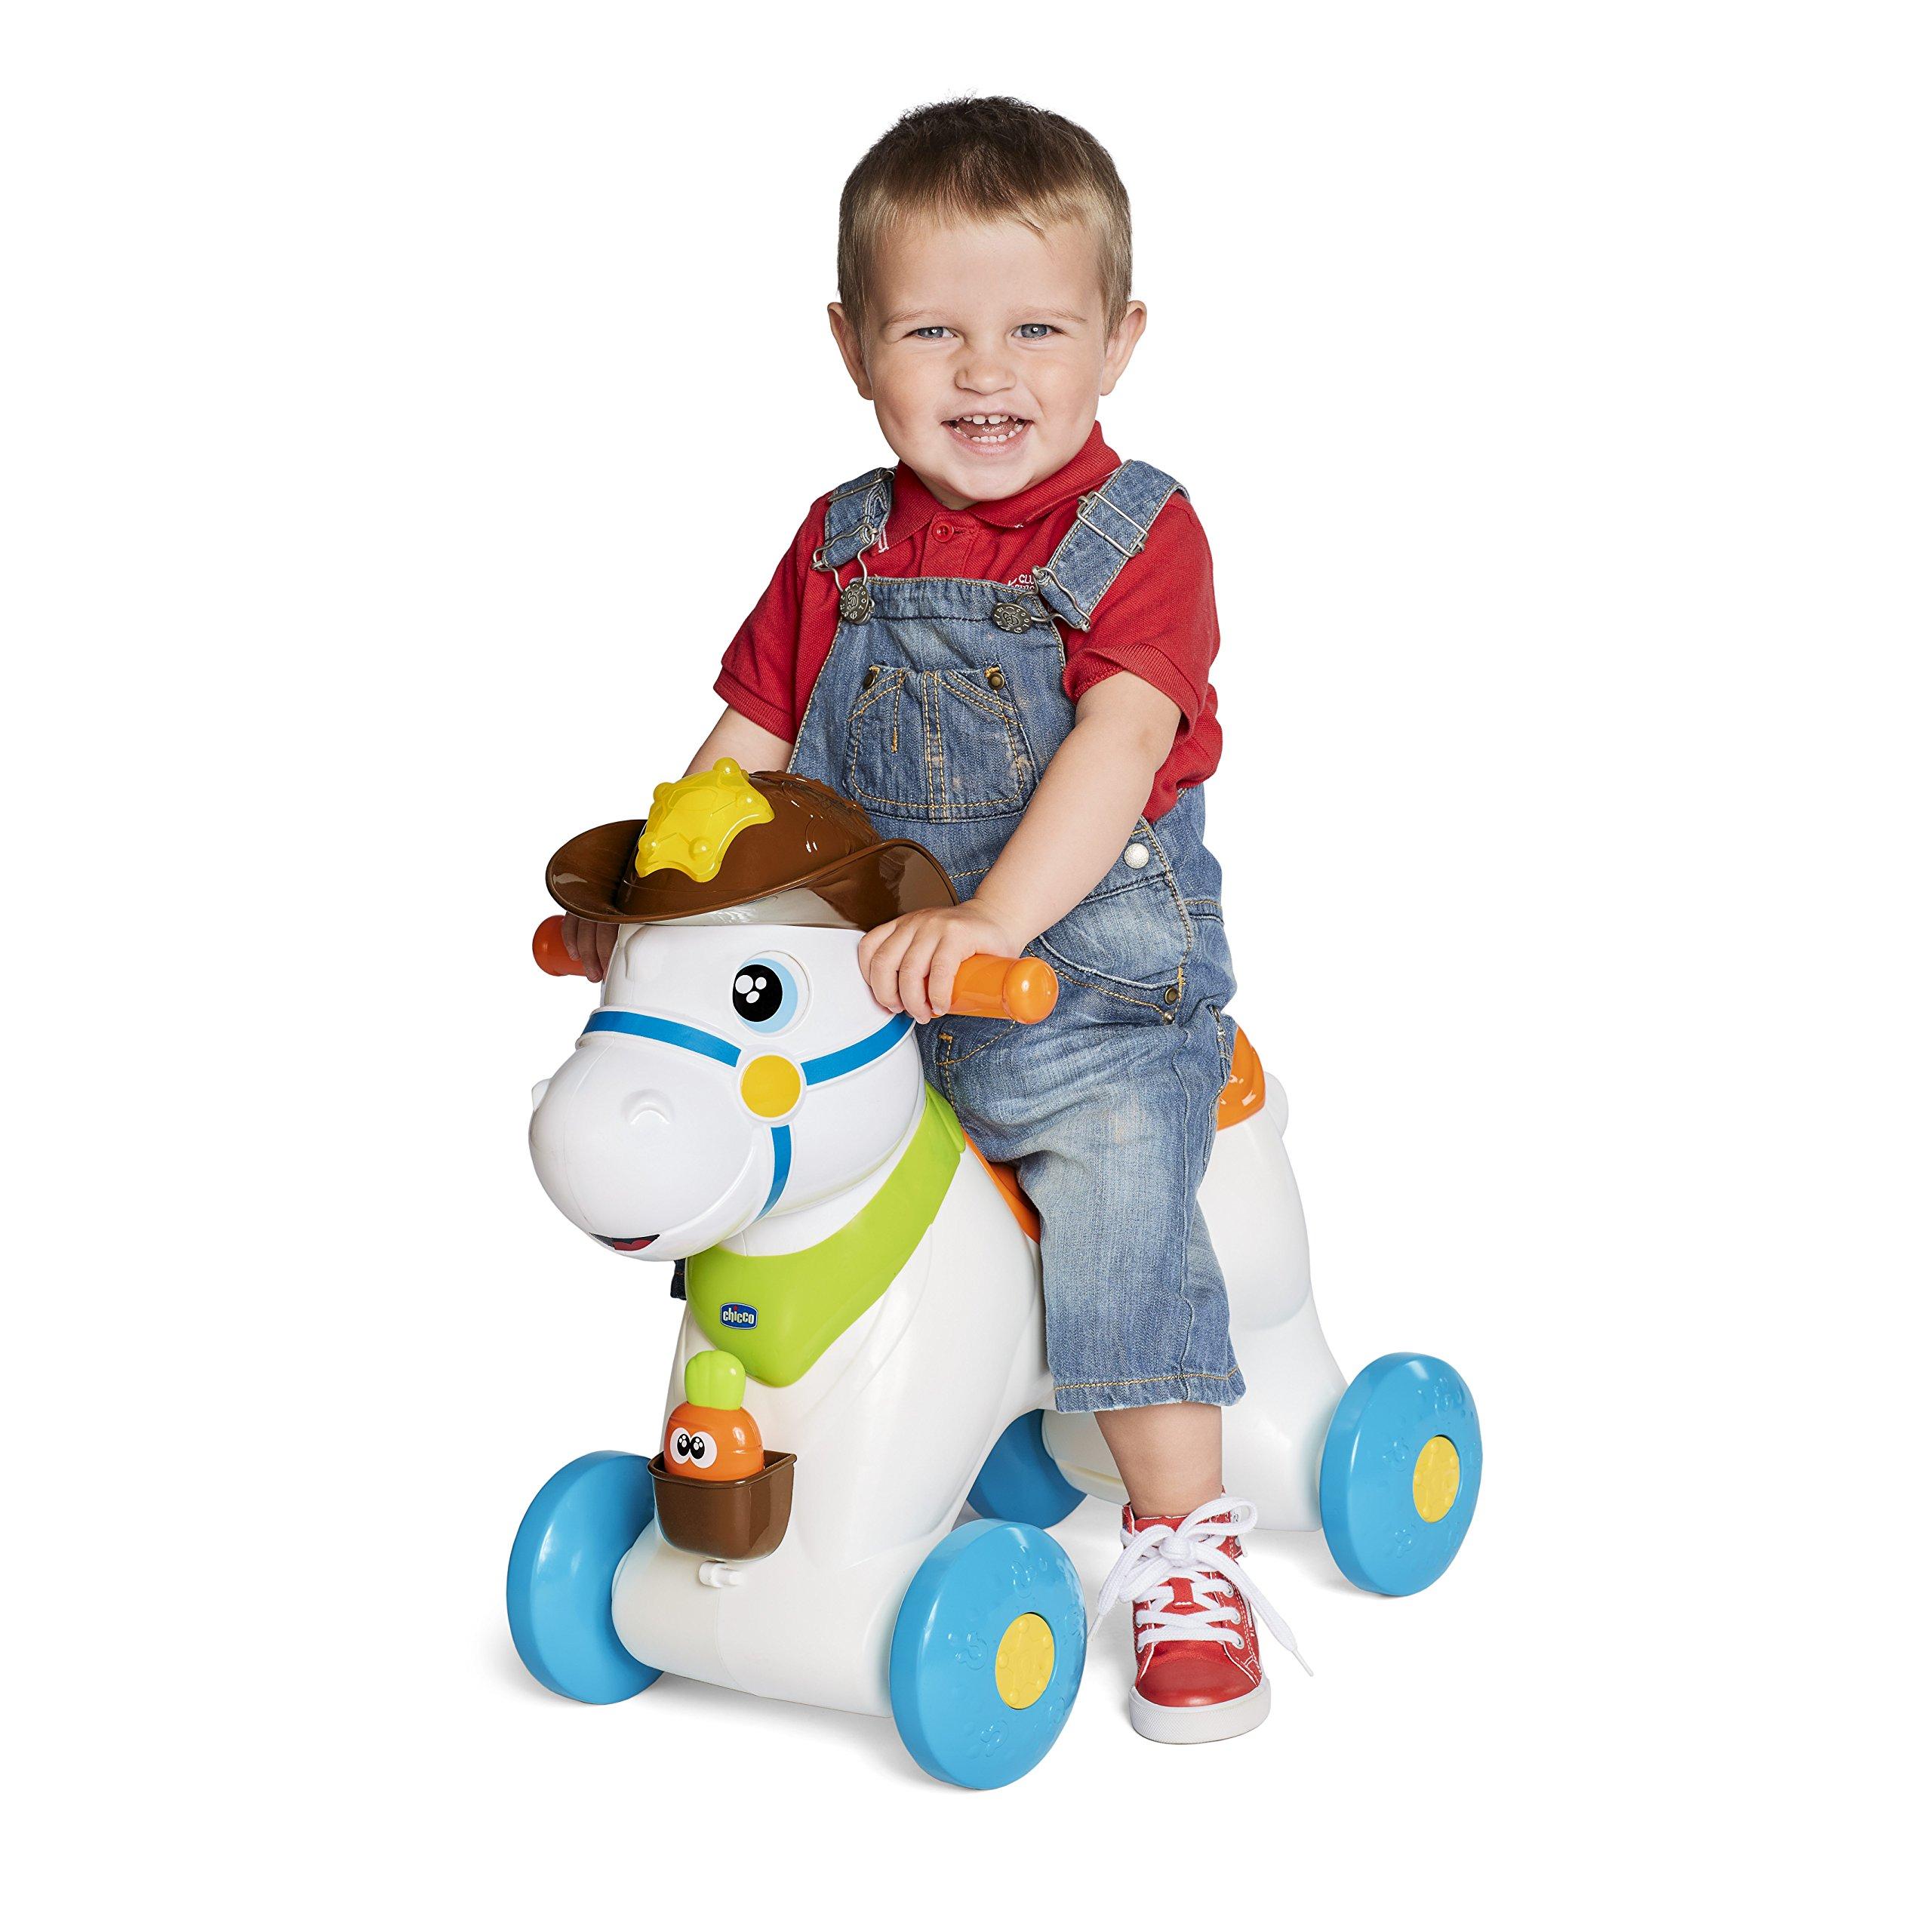 Chicco Cavallo Dondolo.Chicco Rodeo Cavallo A Dondolo Gioco Interattivo Cavalcabile Adatto Da 1 Anno 30 X 58 X 64 Cm